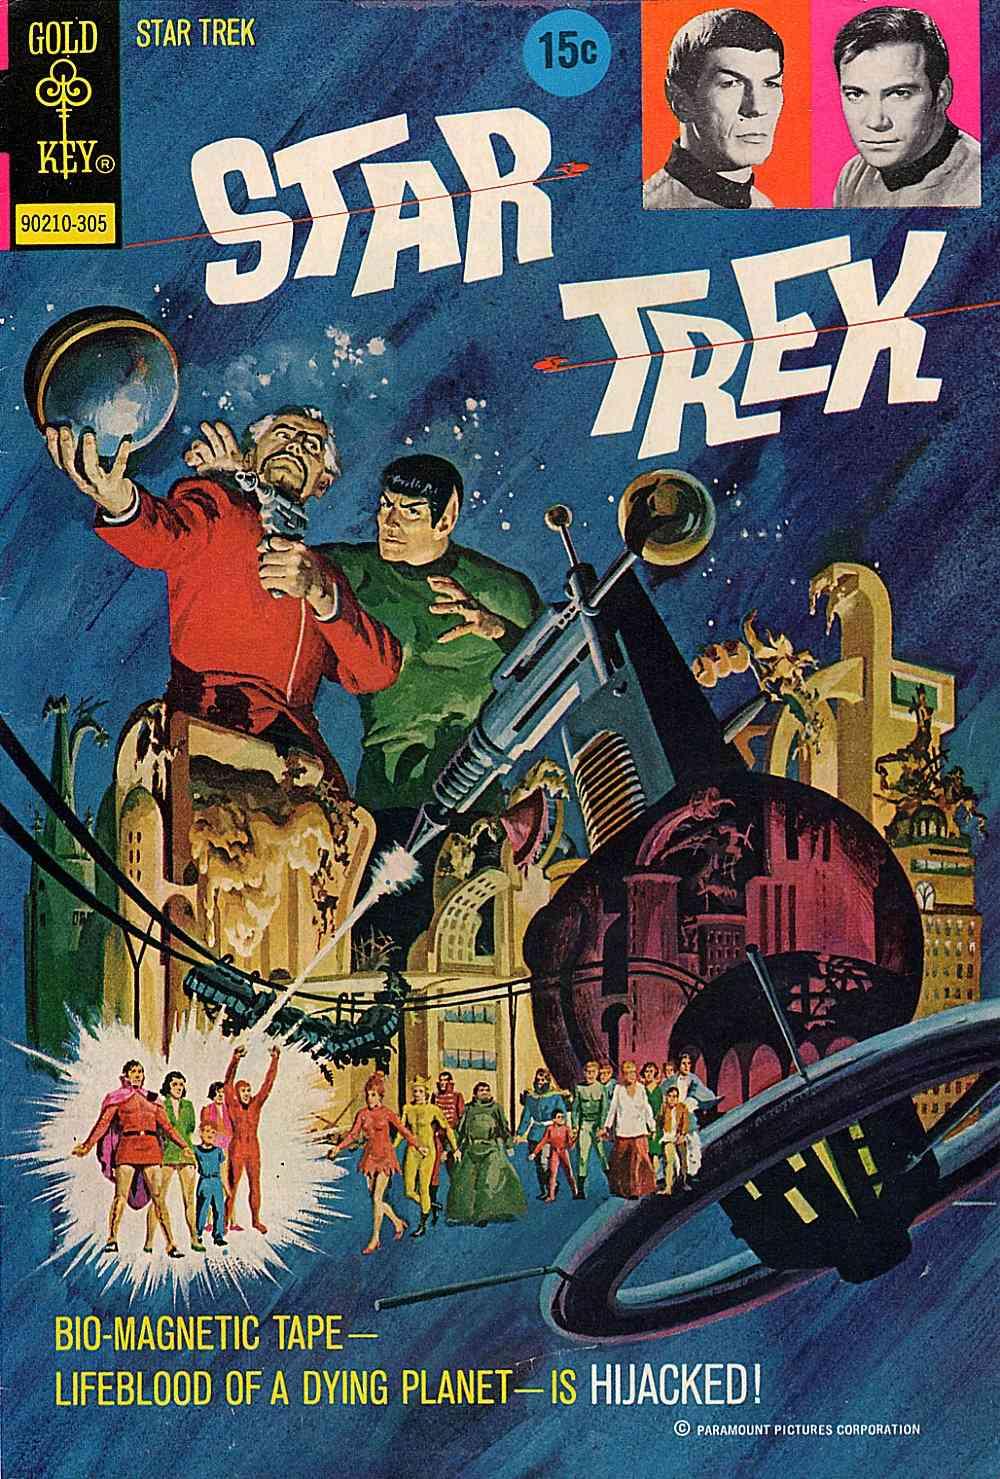 Star Trek (1967) issue 18 - Page 1